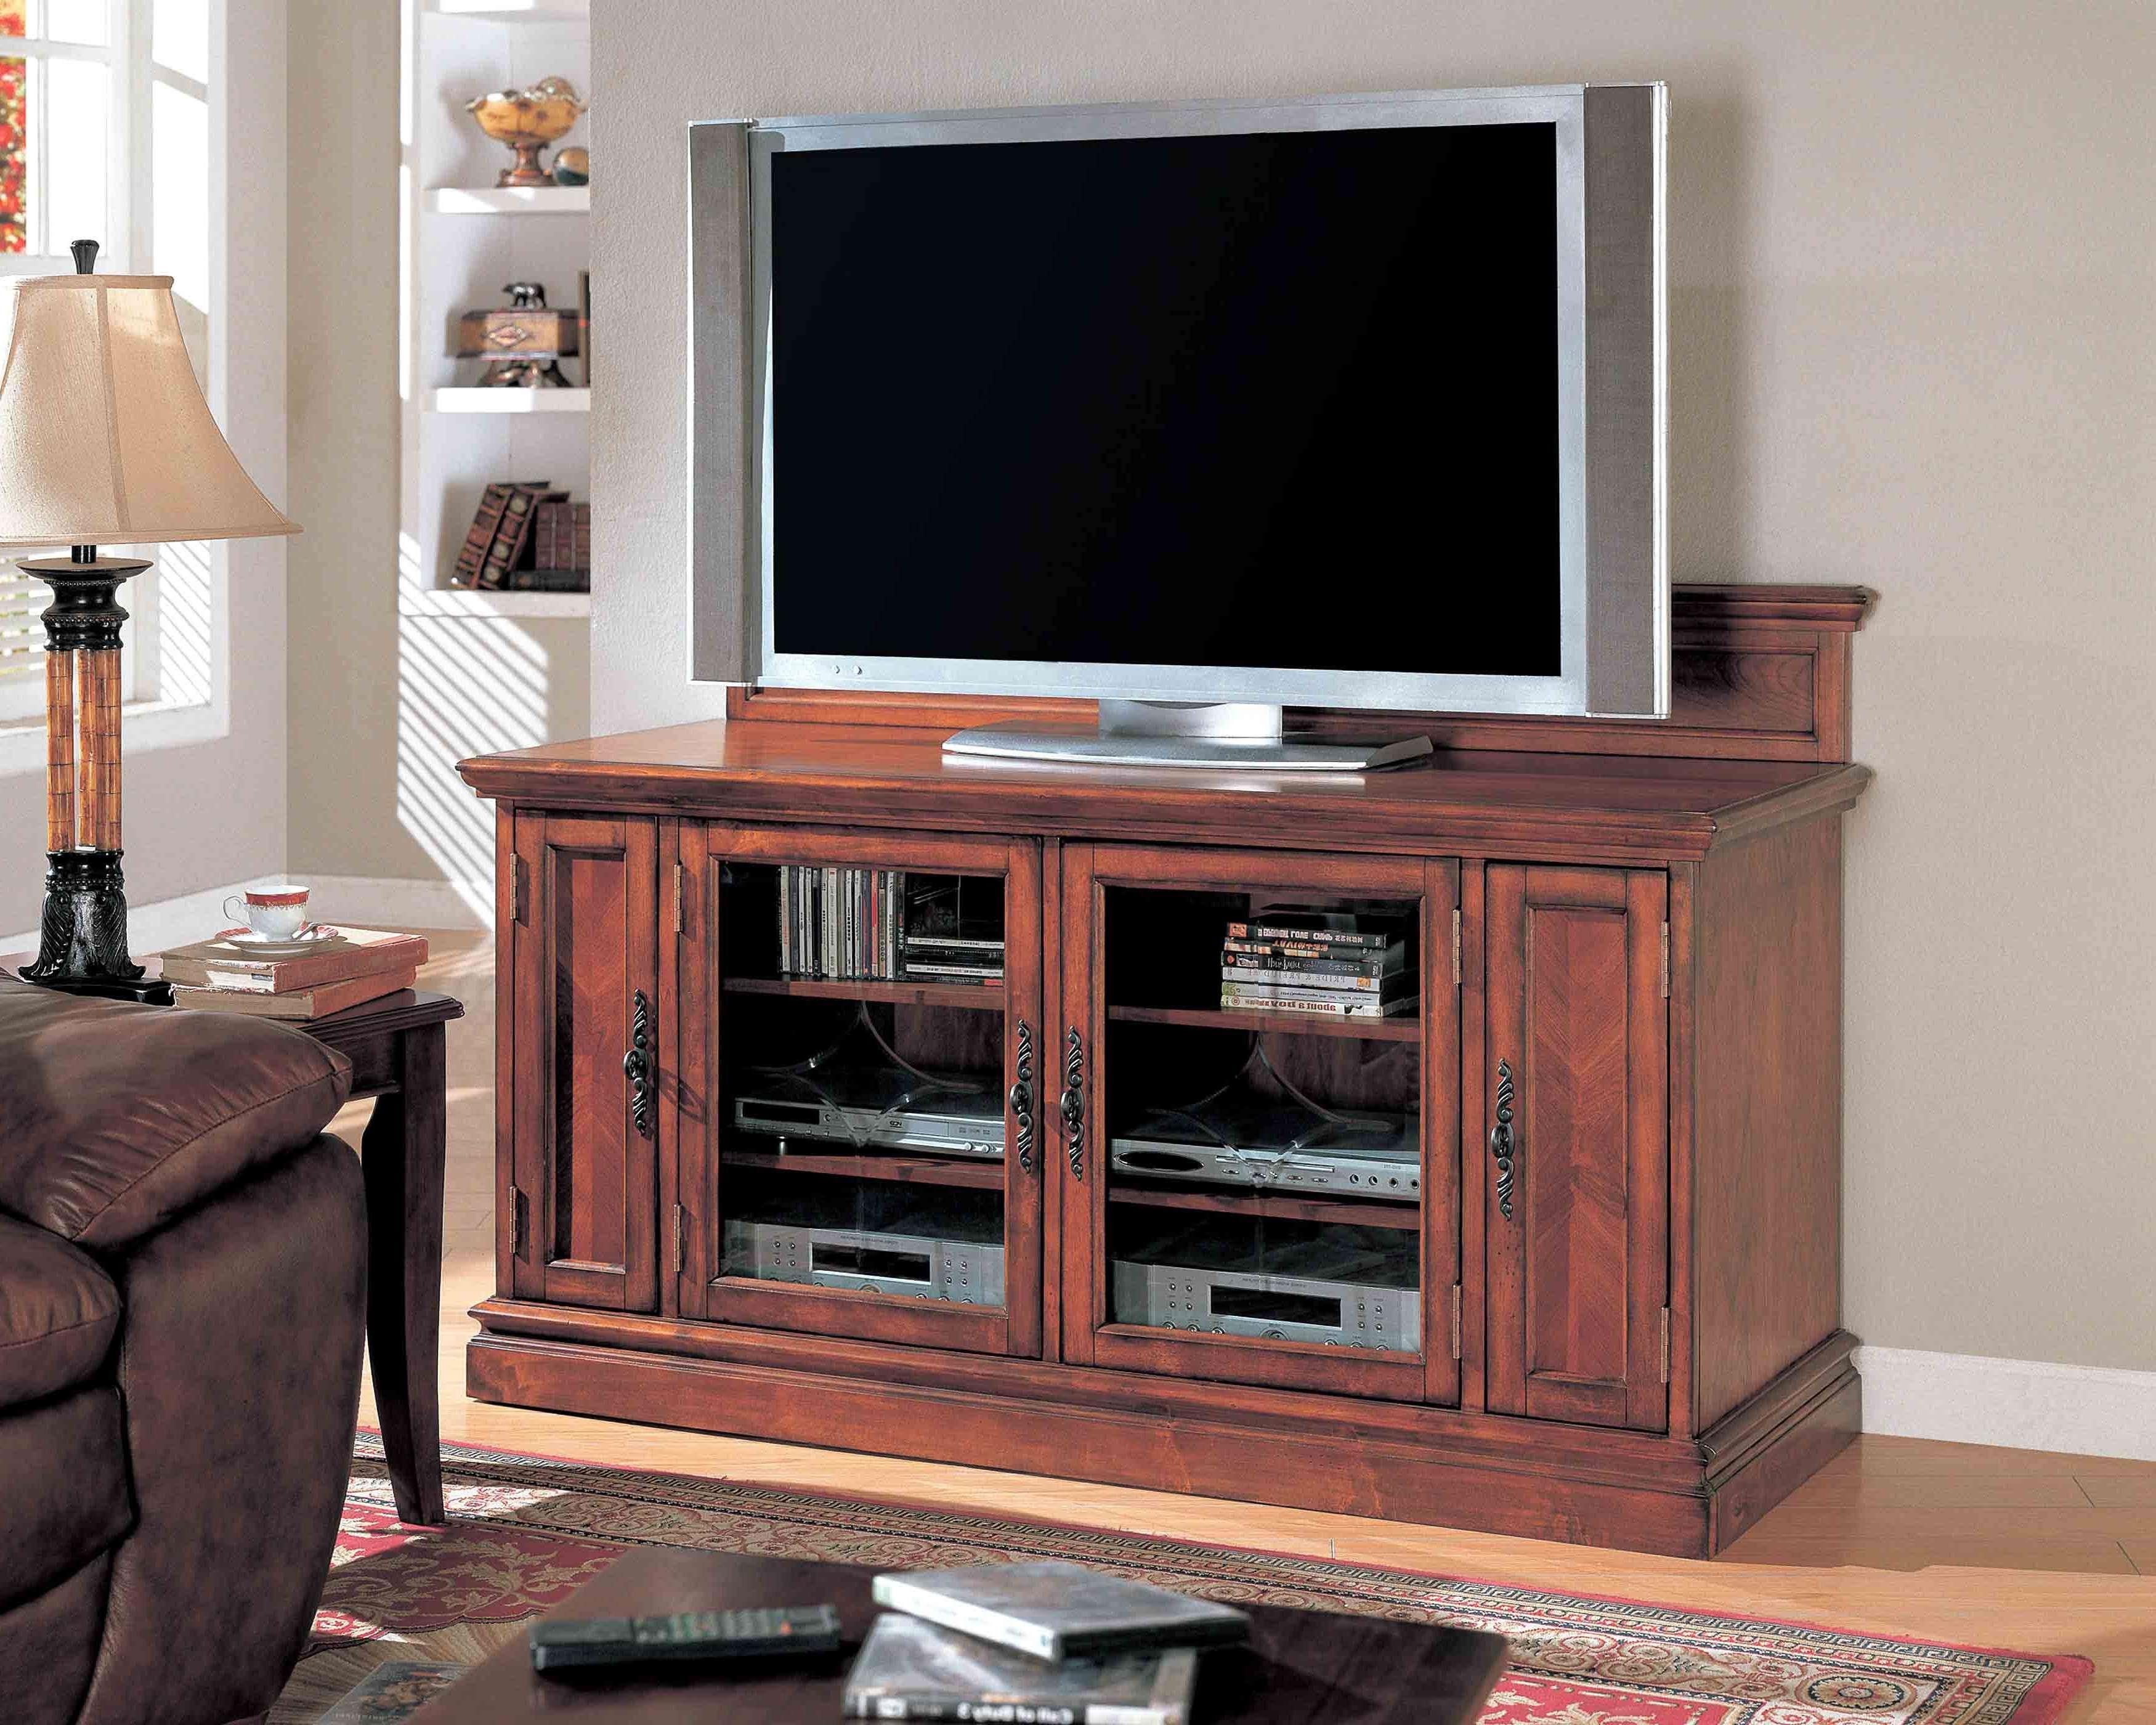 Dark Brown Wooden Tv Cabinet With Glass Doors On The Floor With Wooden Tv Cabinets With Glass Doors (View 19 of 20)